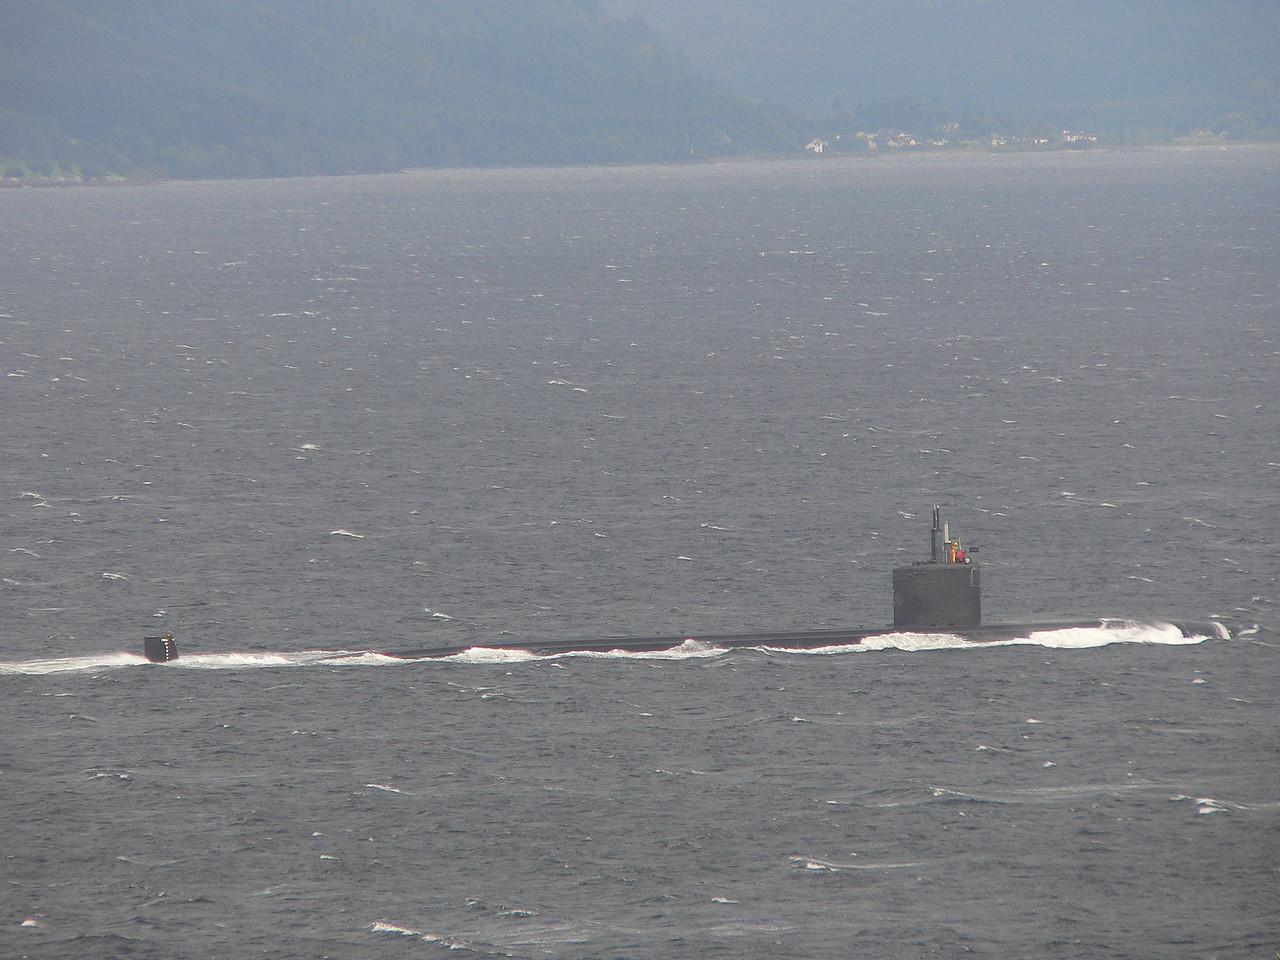 SSN-774 USS BOISE